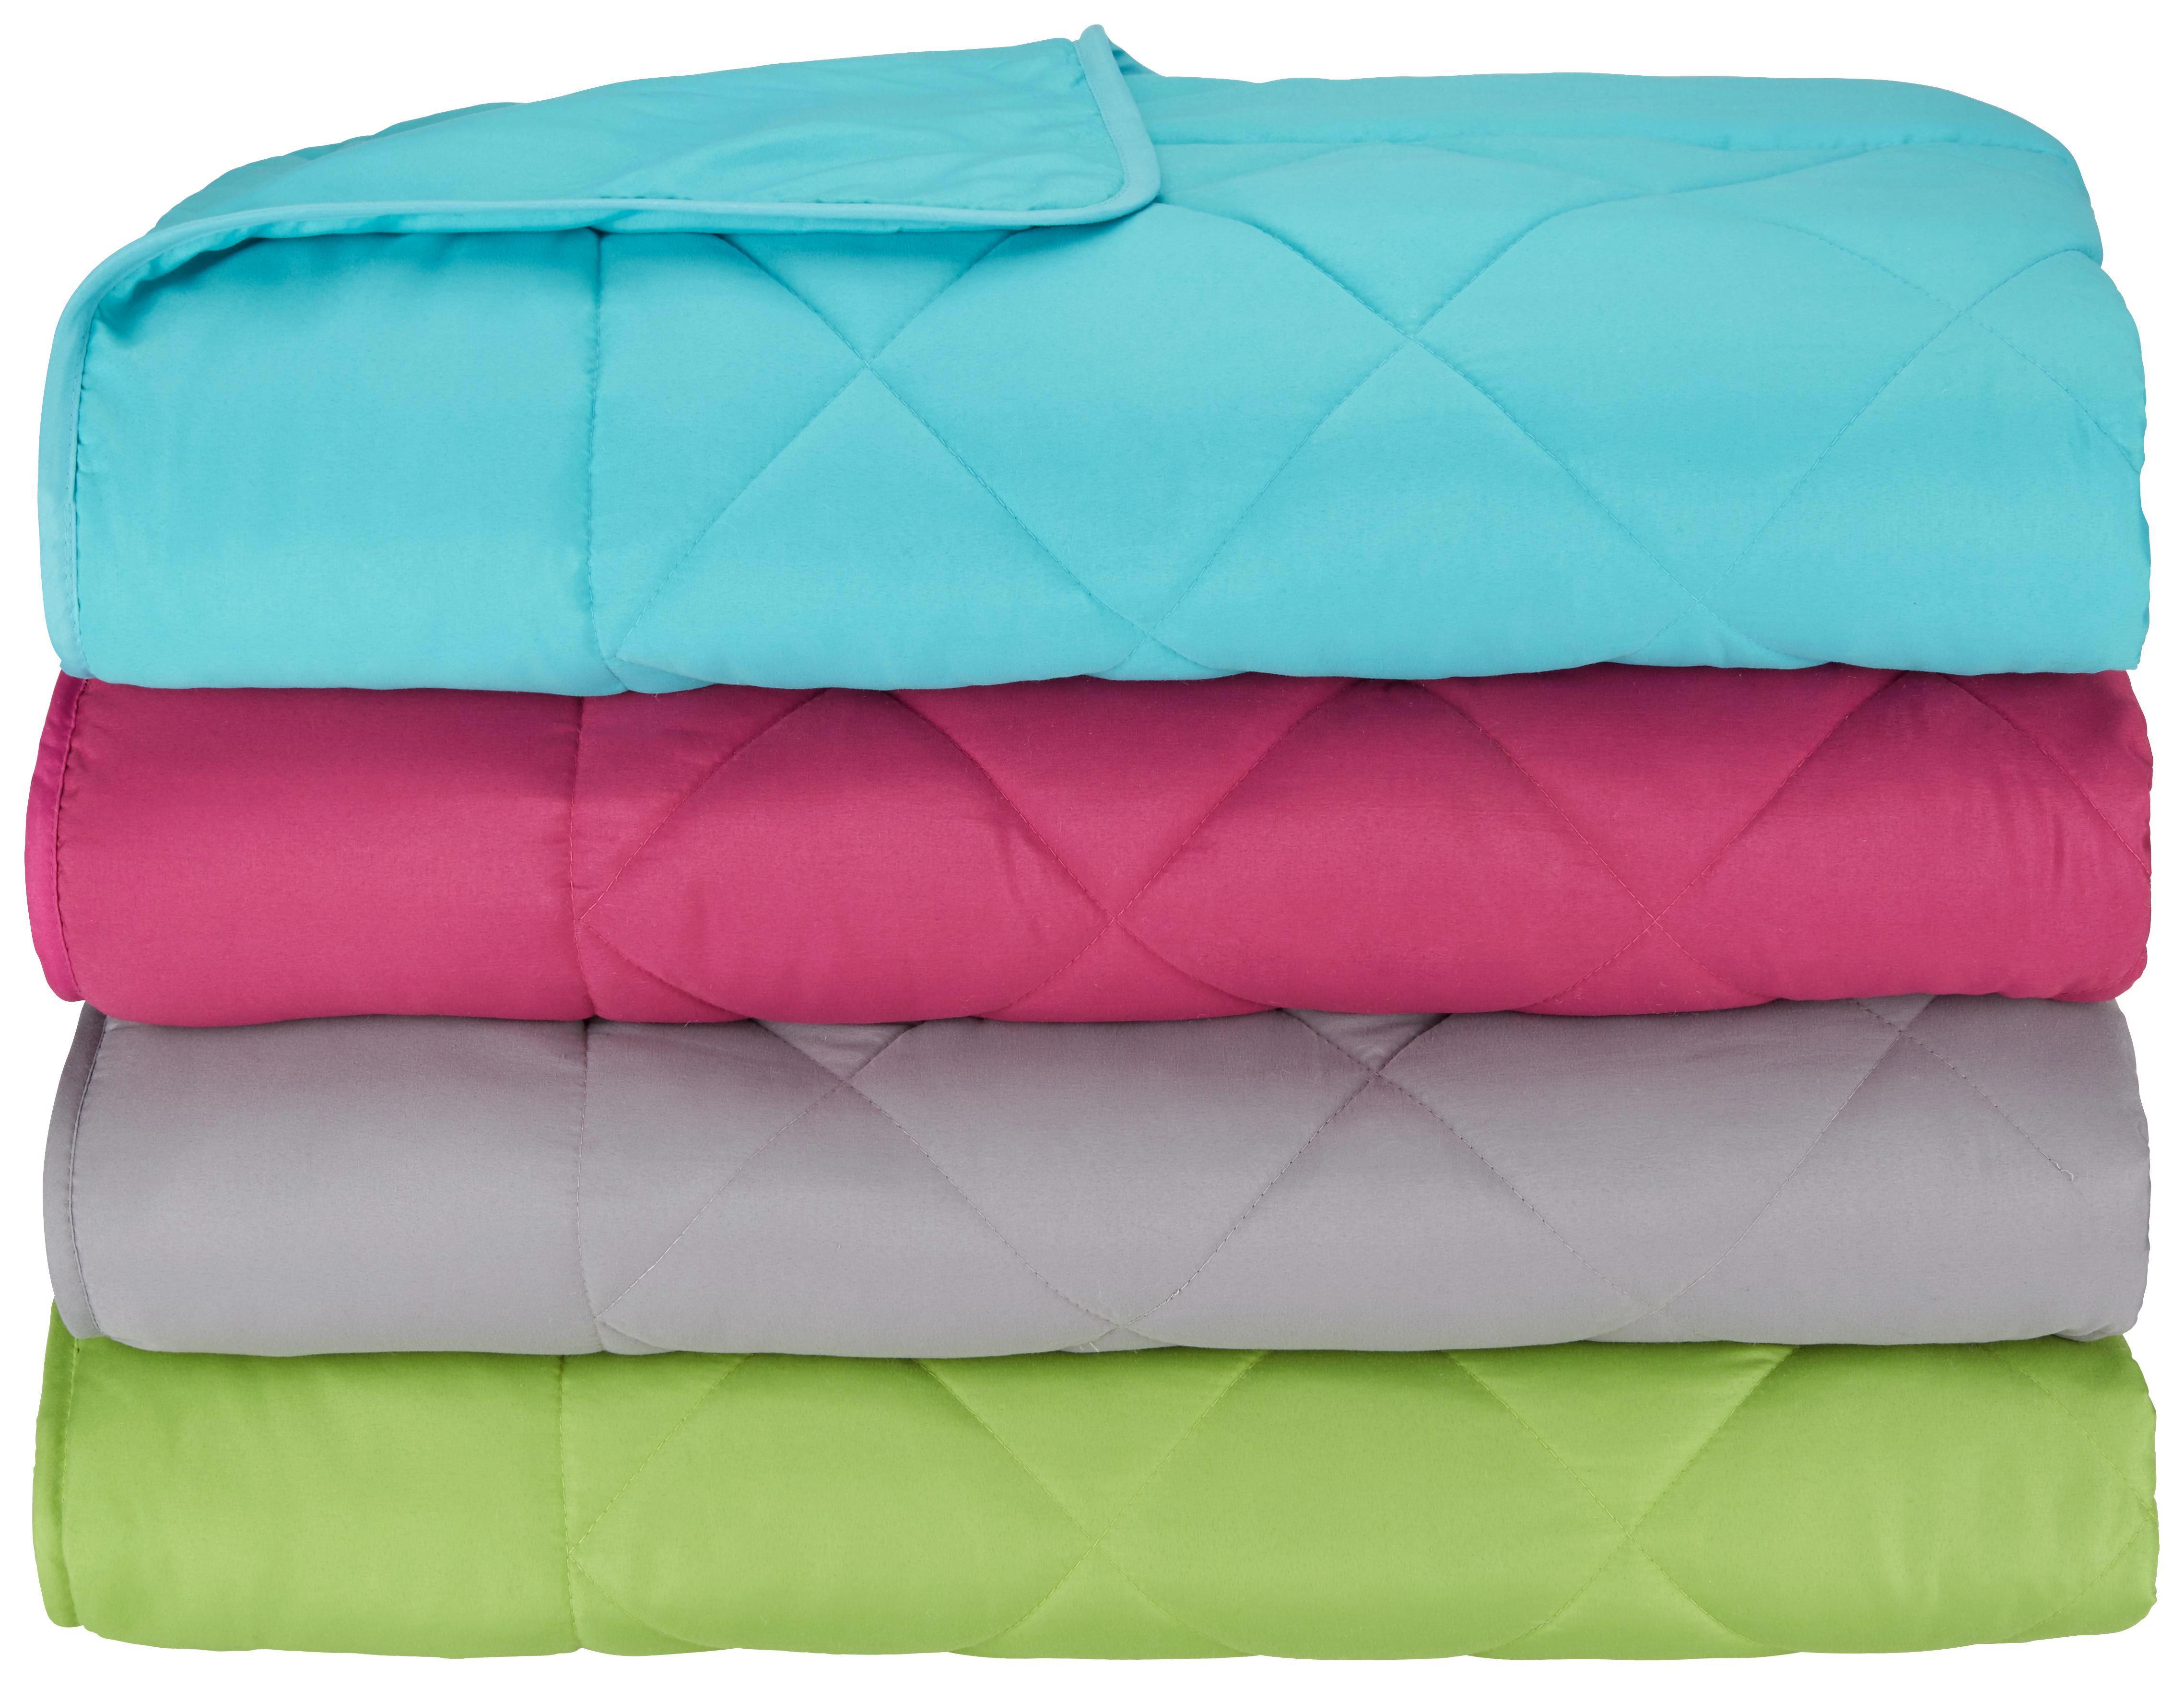 Einziehdecke Nicole, ca. 135x200cm - Blau/Magenta, KONVENTIONELL, Textil - MÖMAX modern living